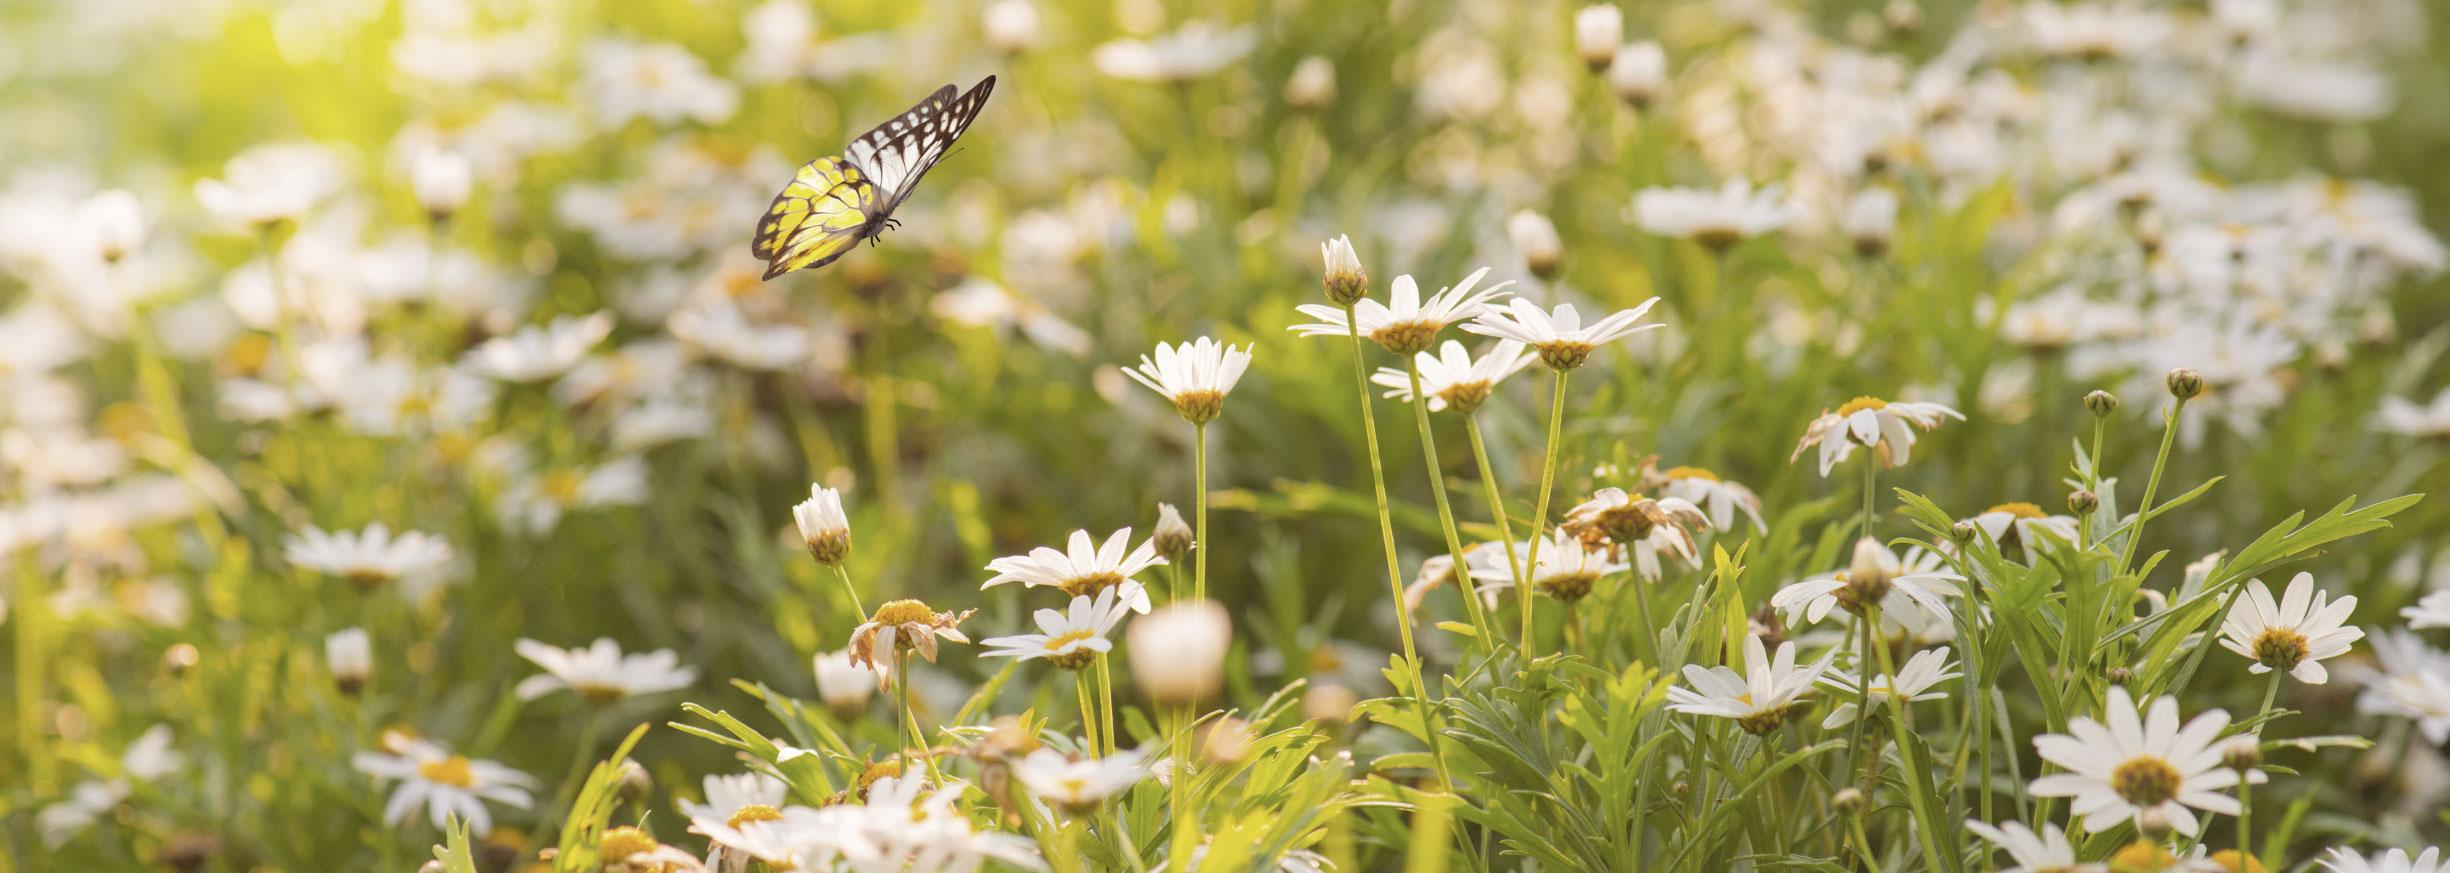 Blommor #trädgårdsblogg